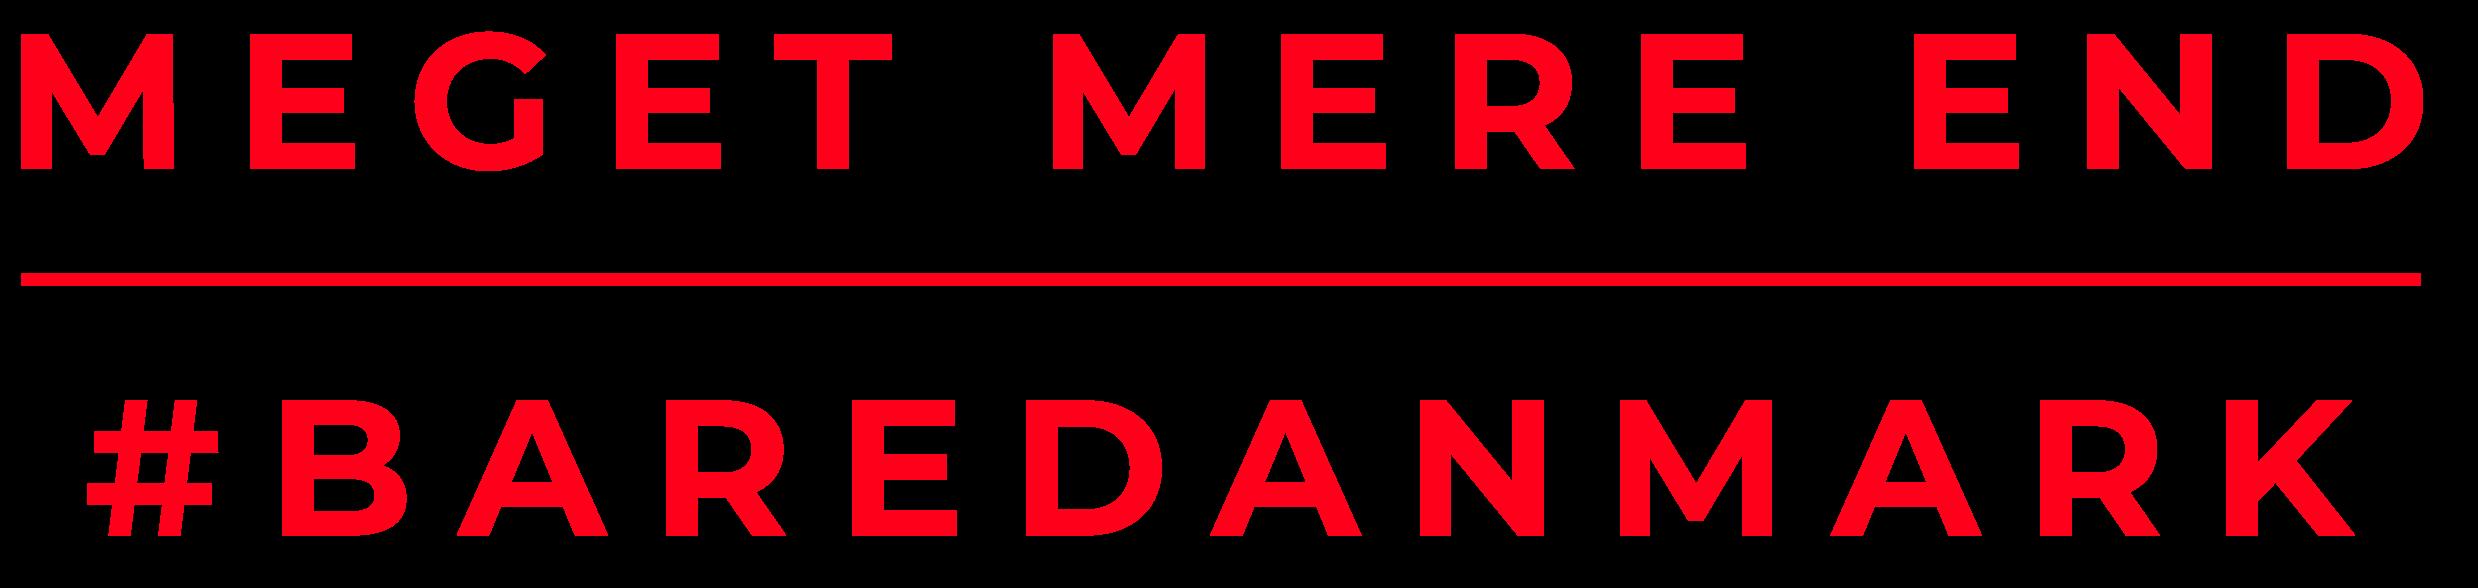 Meget mere end bare Danmark logo